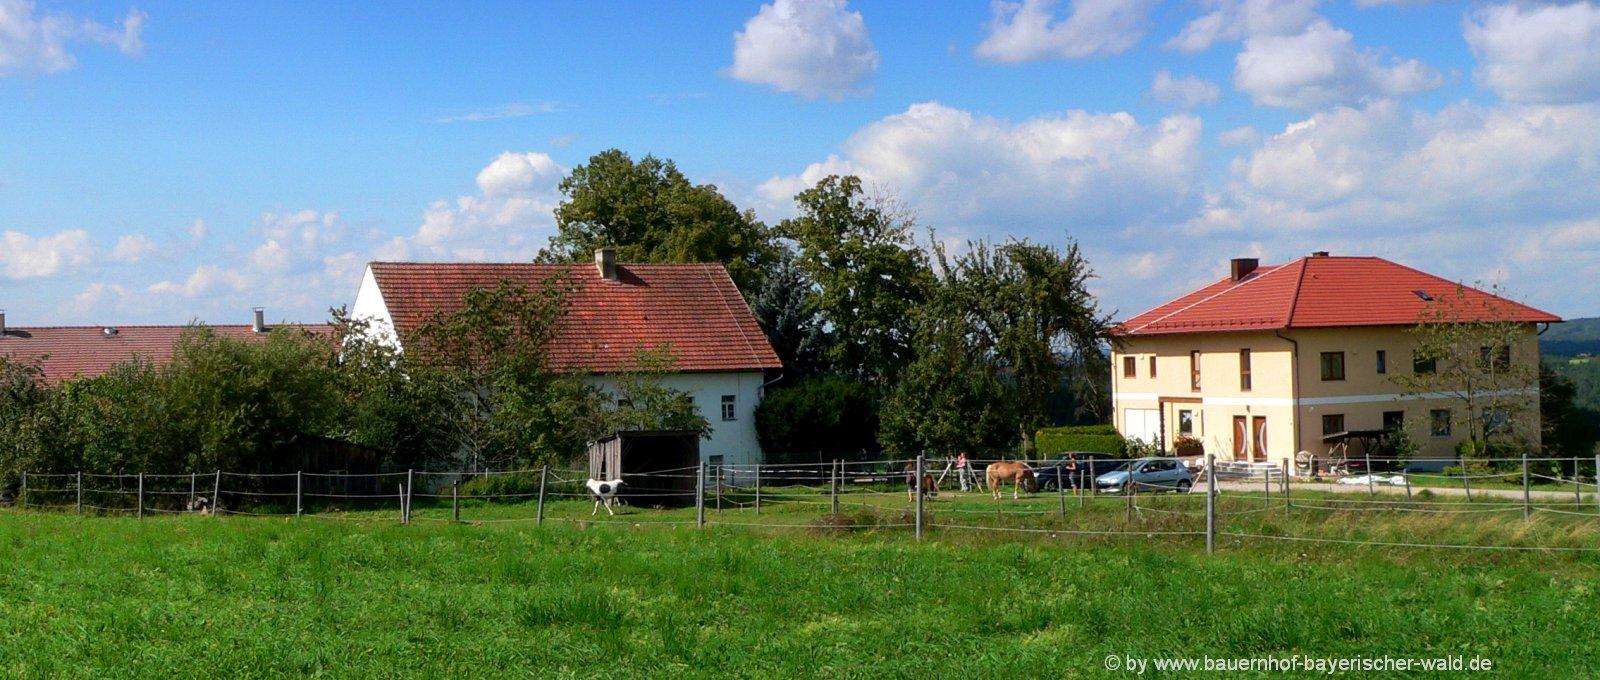 handlhof-baby-kinderbauernhof-bayerischer-wald-hofansicht